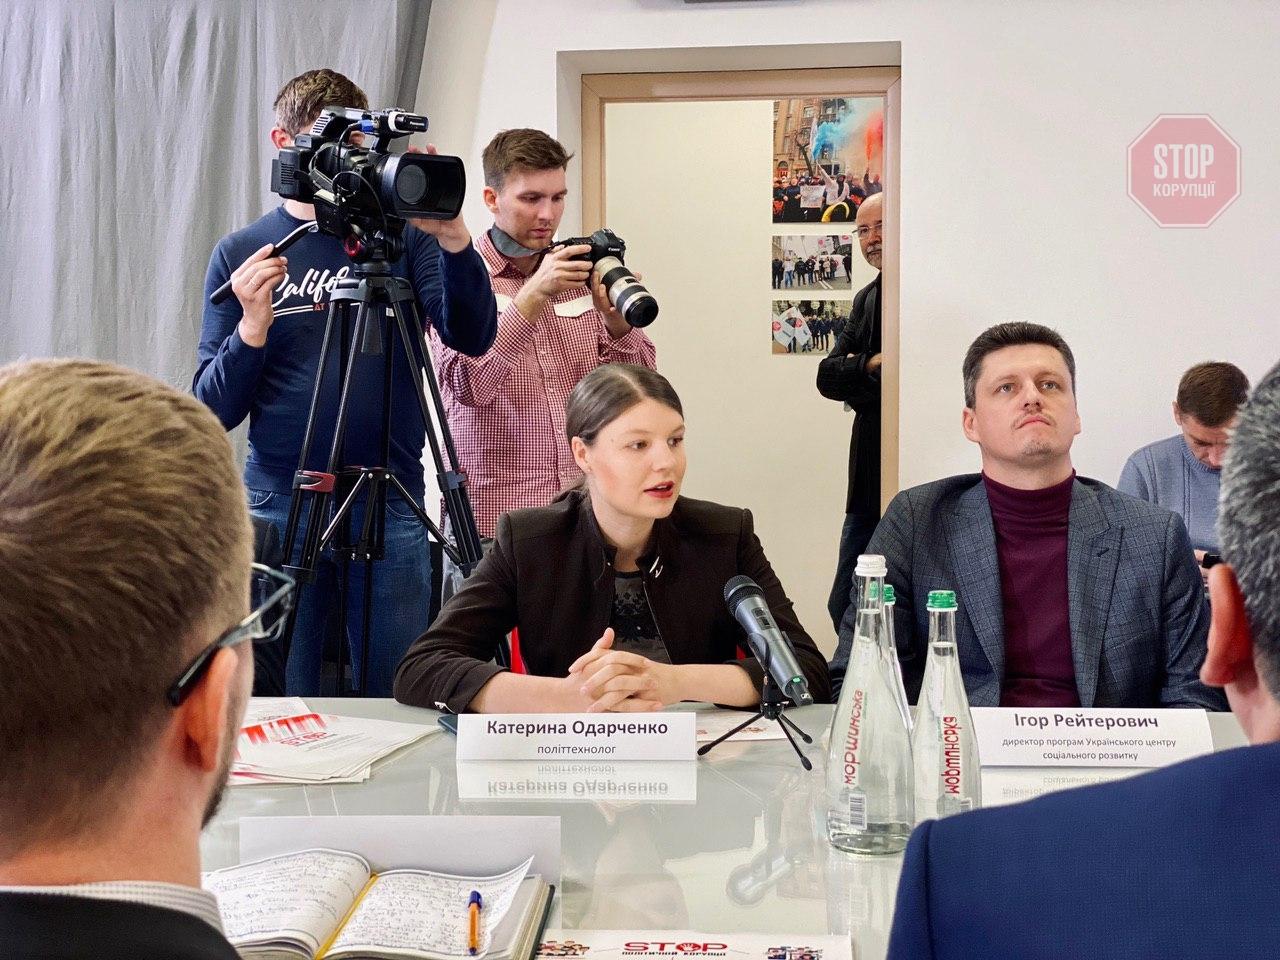 Участники Форума внепарламентских партий подписали Меморандум